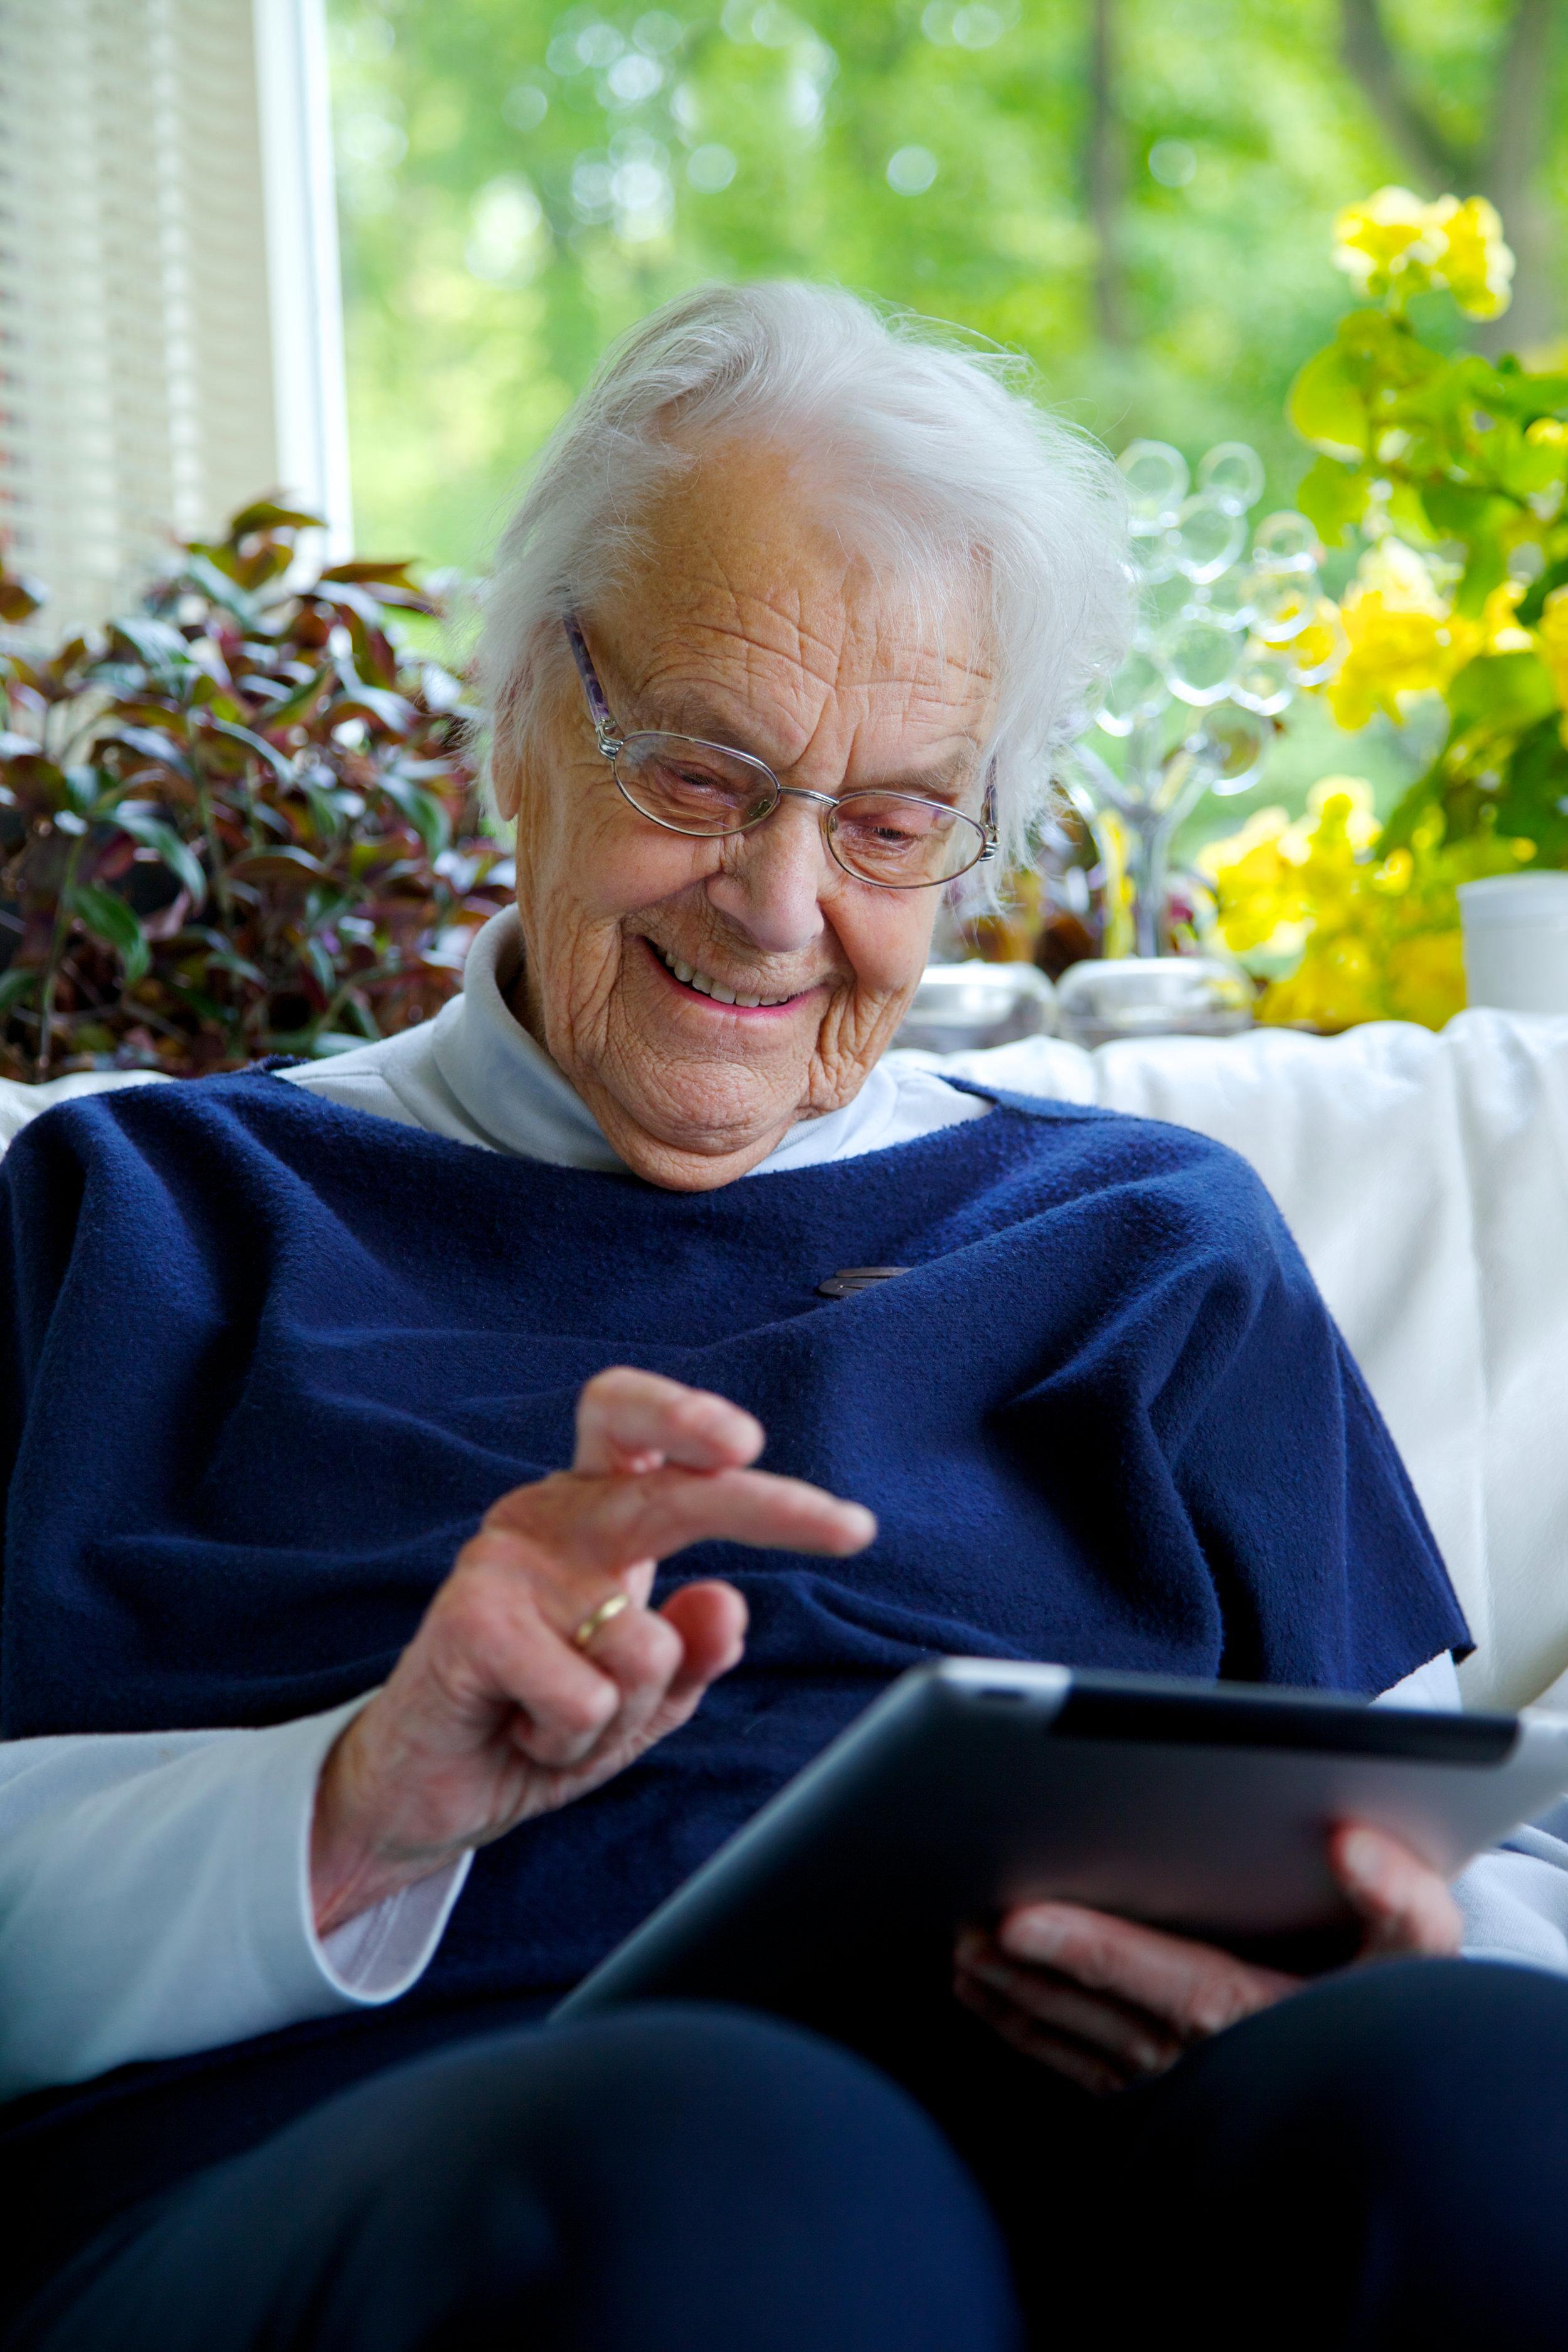 Dementia apps